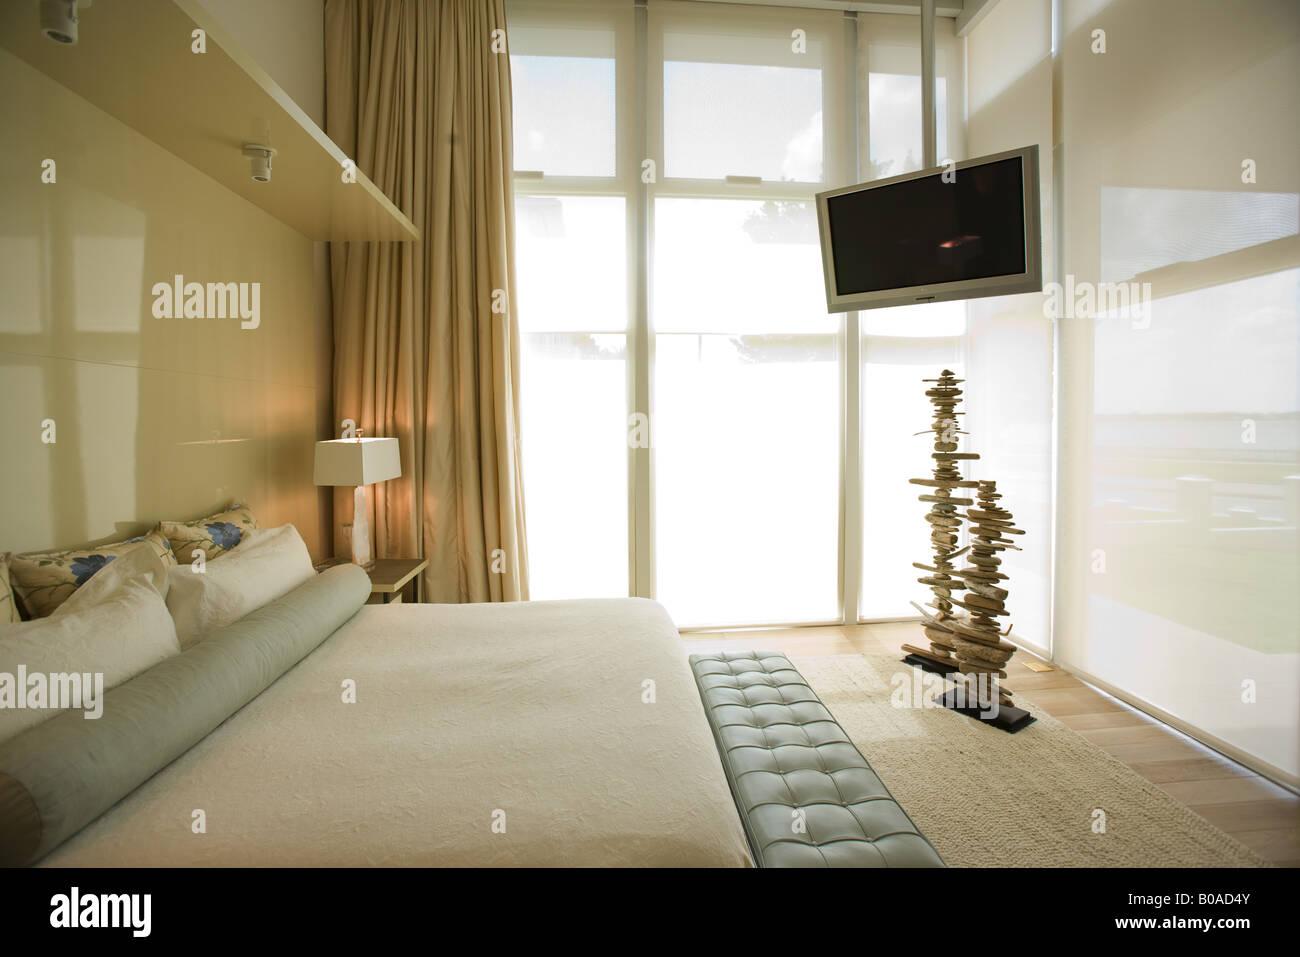 Luxus Hotel Zimmer Mit Grossem Bett Und Breitbild Fernseher Stockfoto